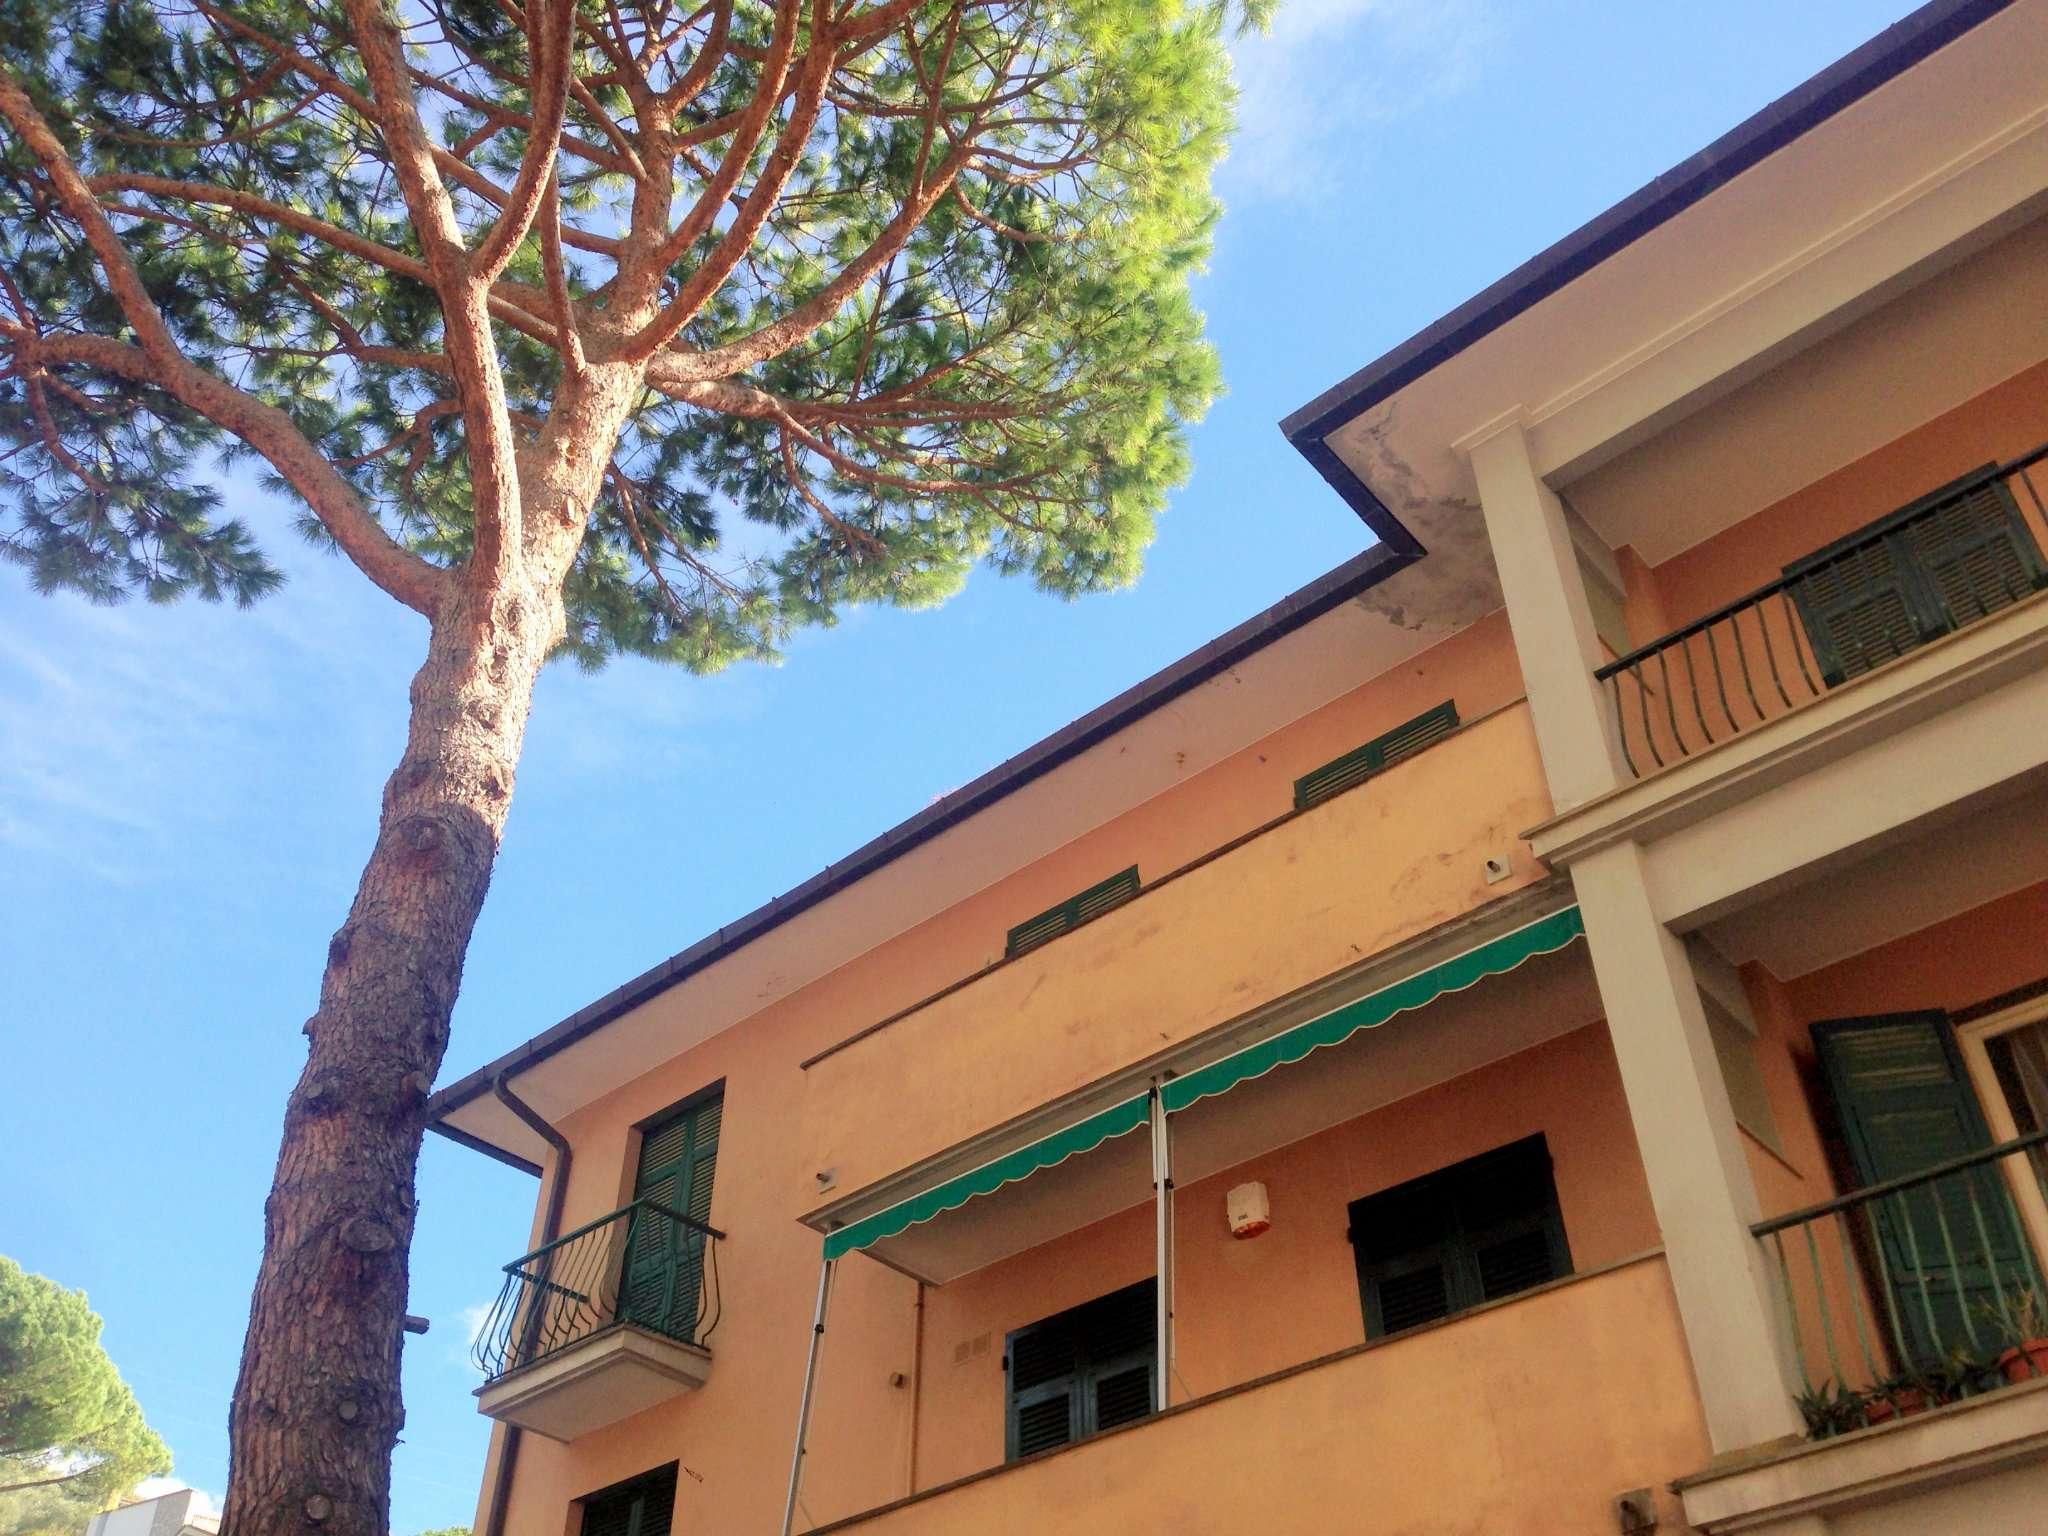 Appartamento in affitto a Lavagna, 2 locali, prezzo € 550 | CambioCasa.it